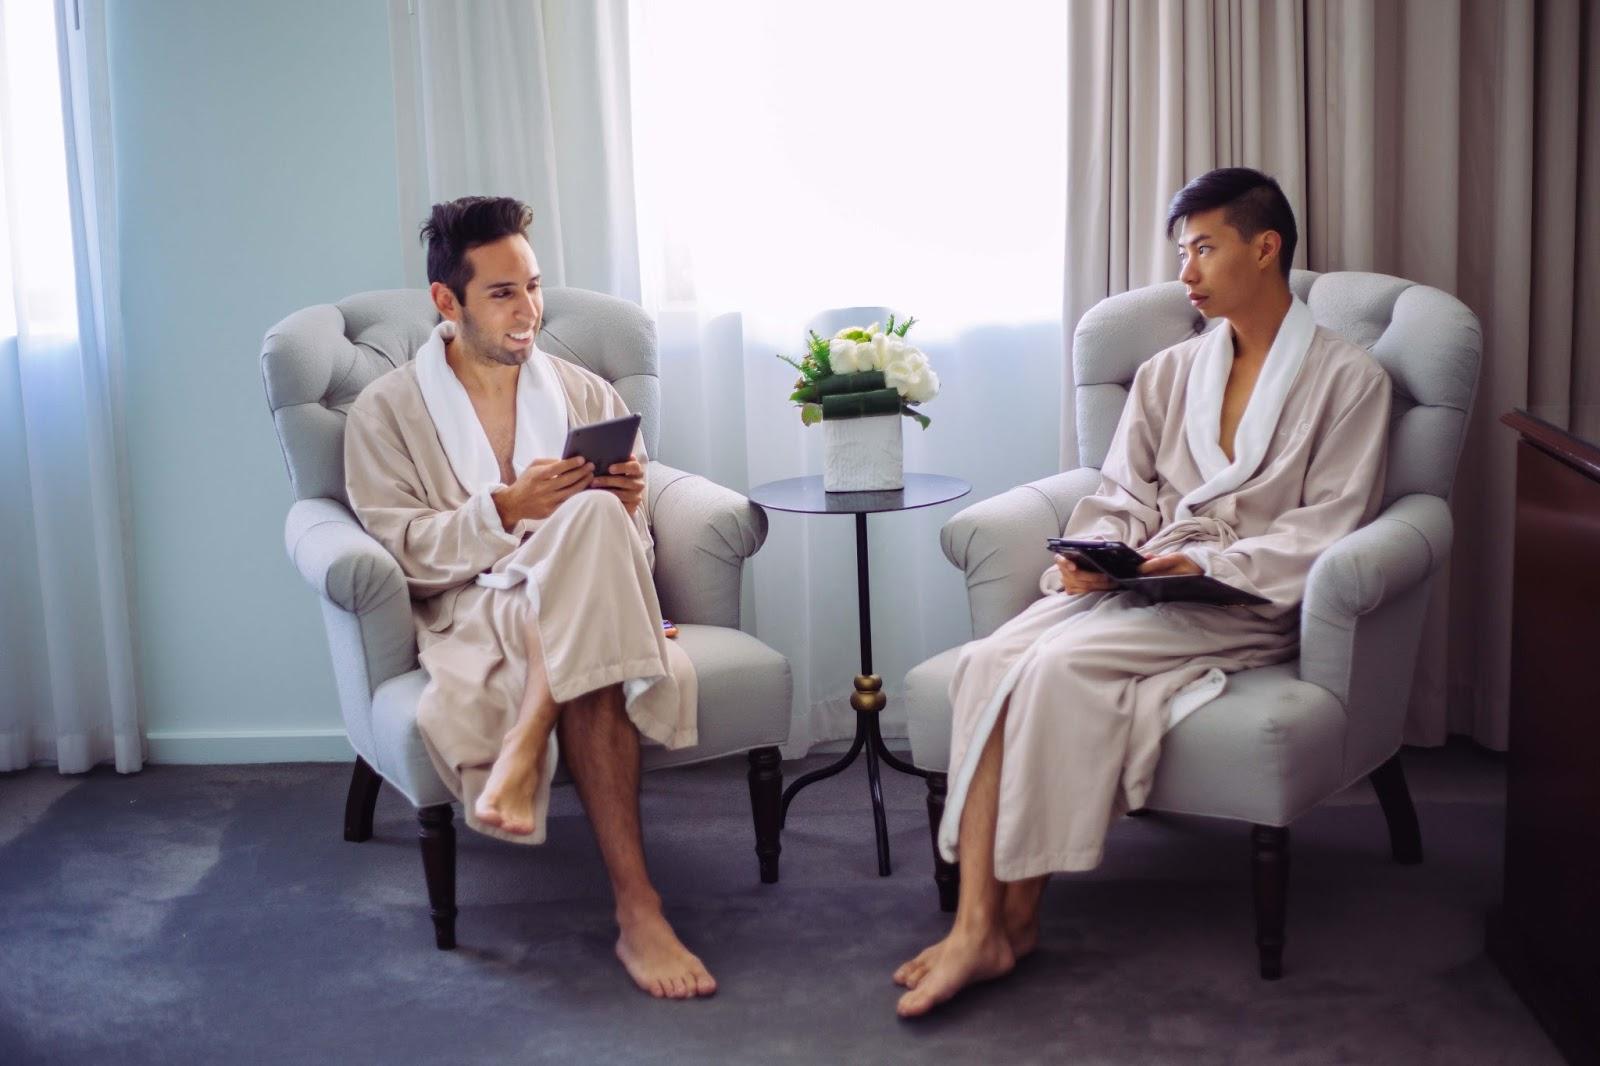 mybelonging-luxehotels-rodeodrive-dayinthelife-42.jpg